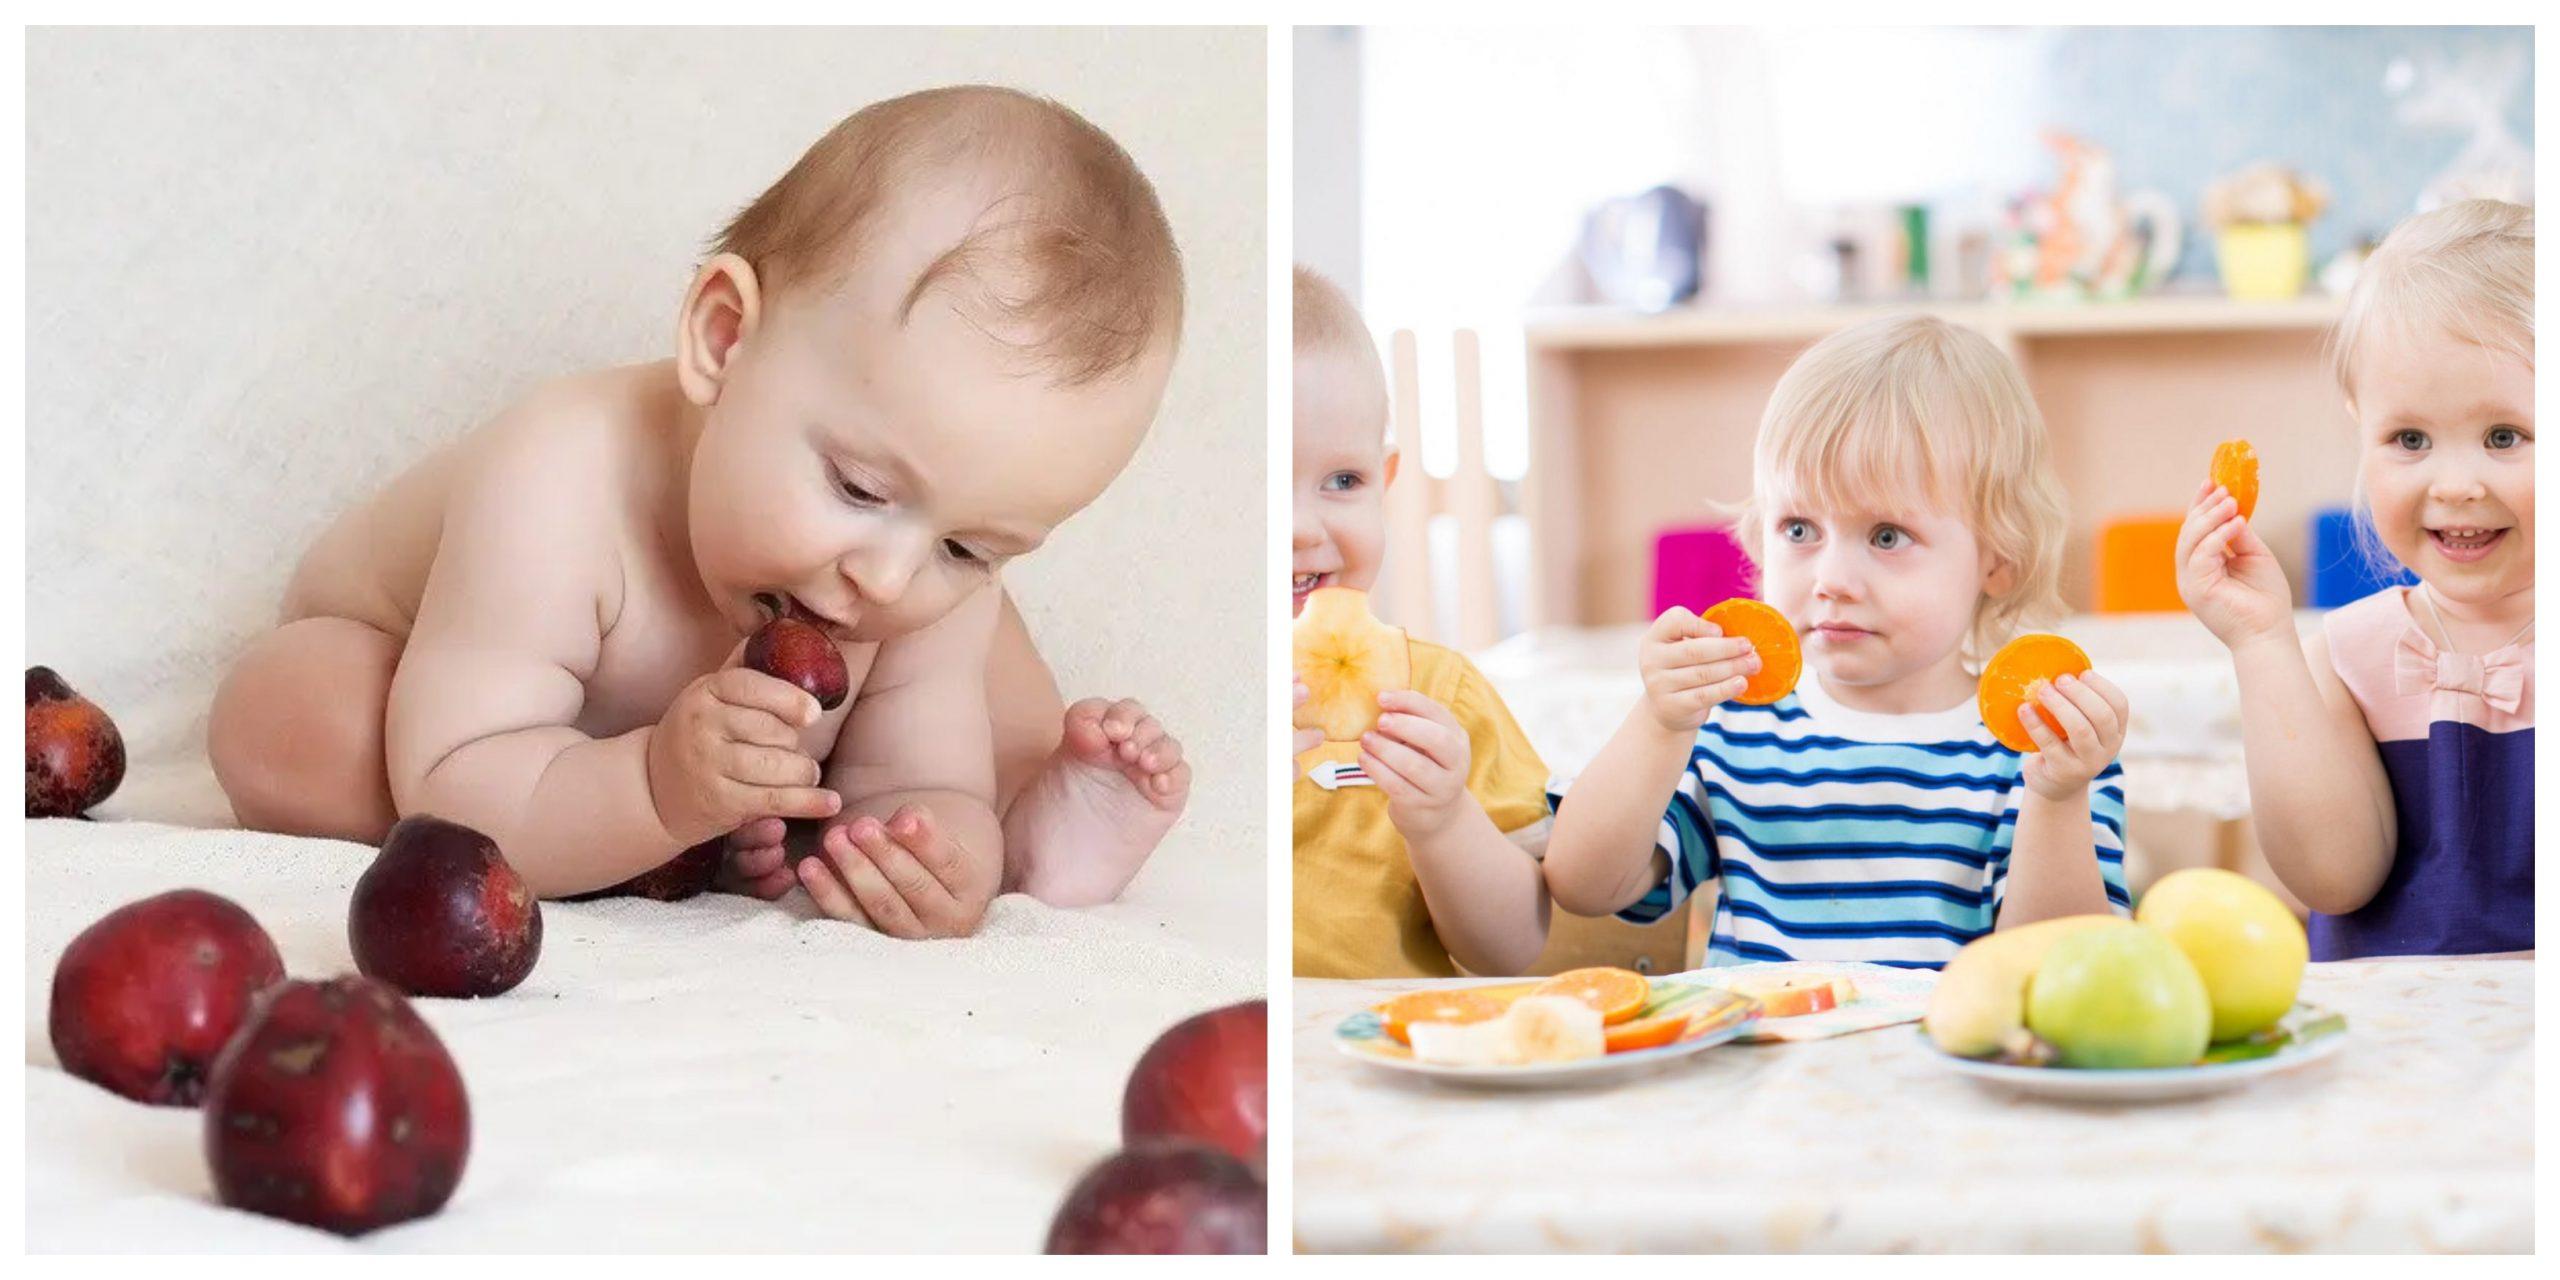 الحفاظ على توازن مستمر في النظام الغذائي